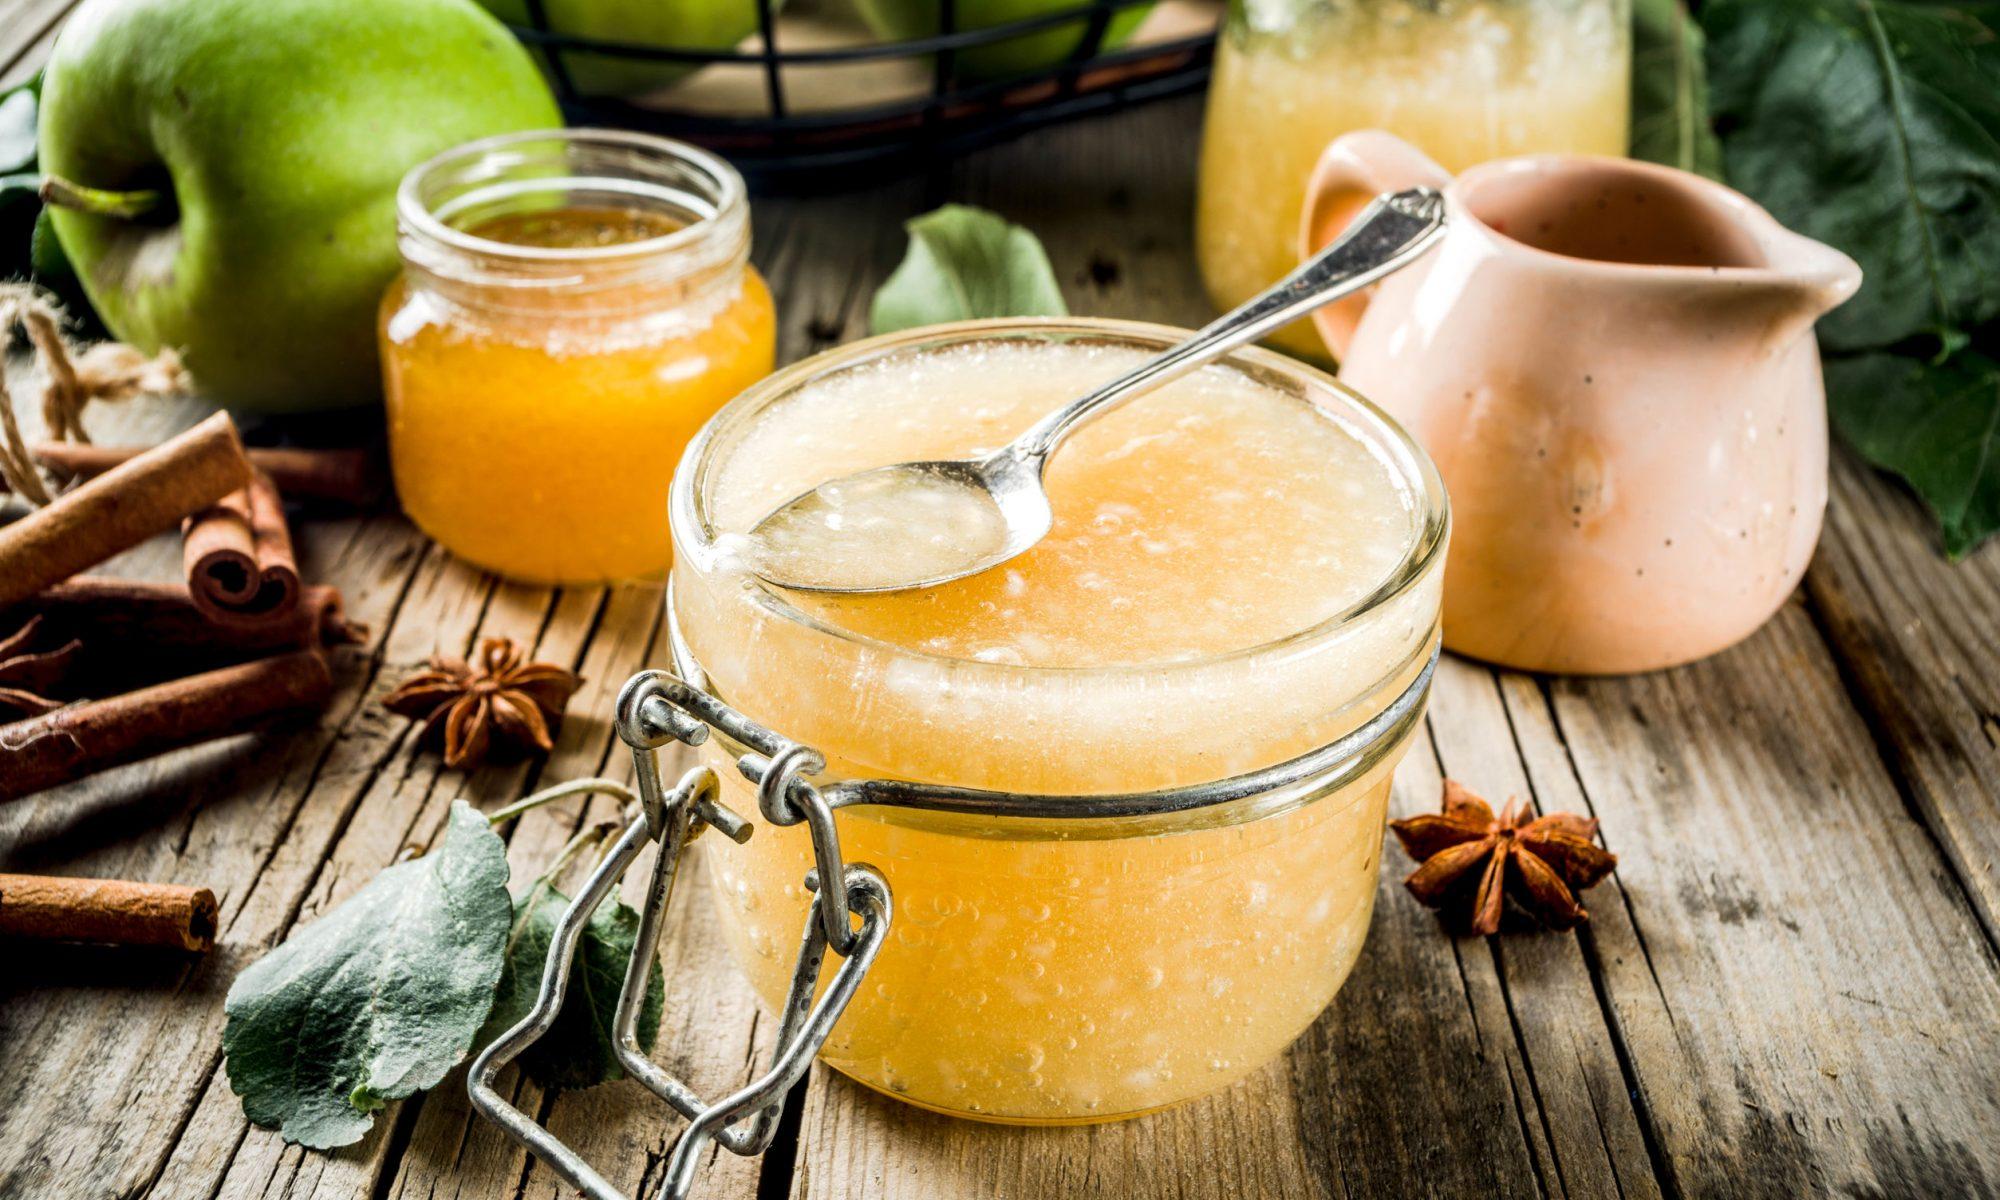 Протертое варенье из яблок: рецепт от Шефмаркет